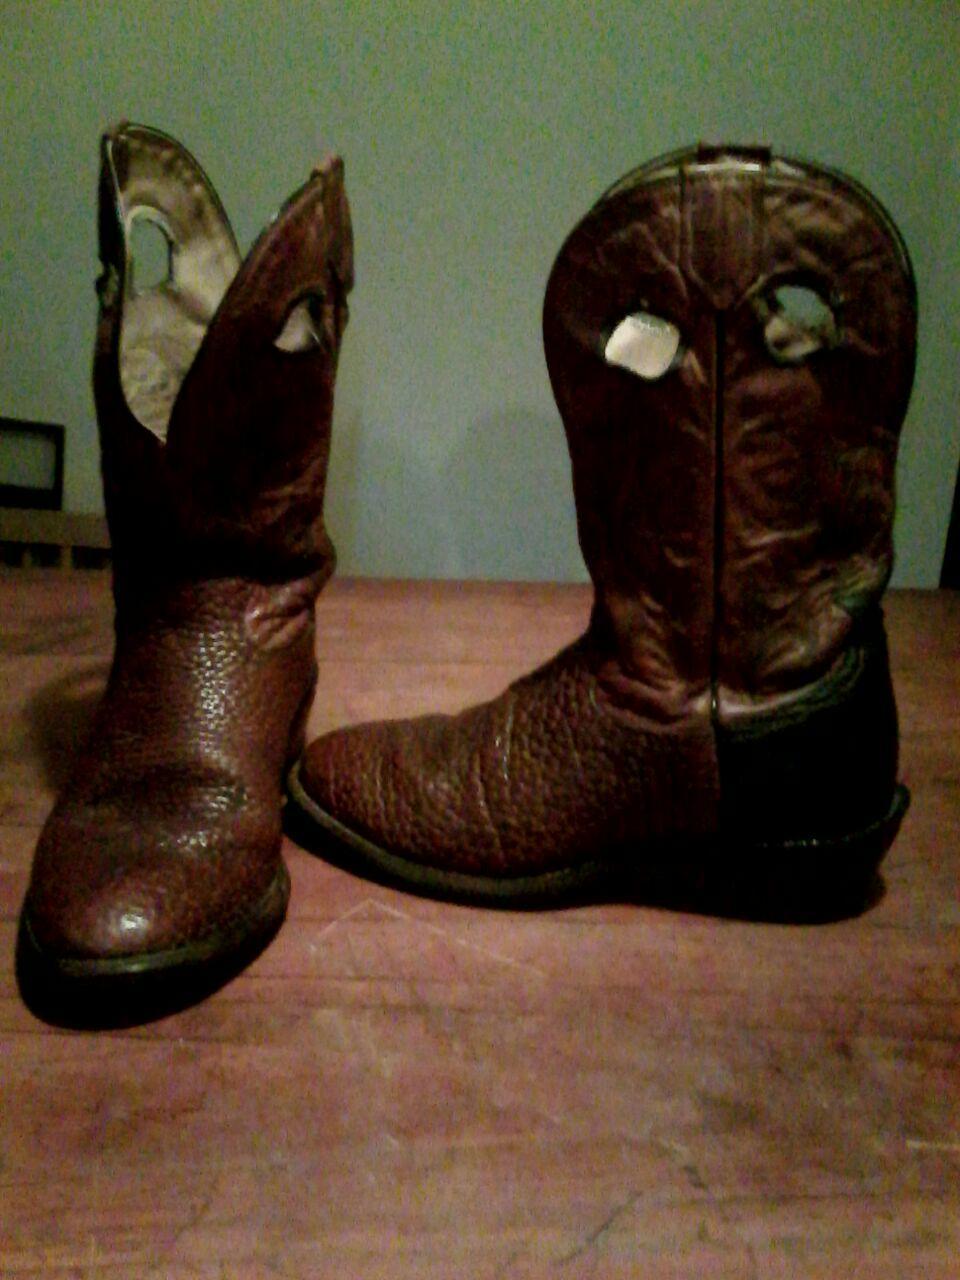 Boots Tony Lama